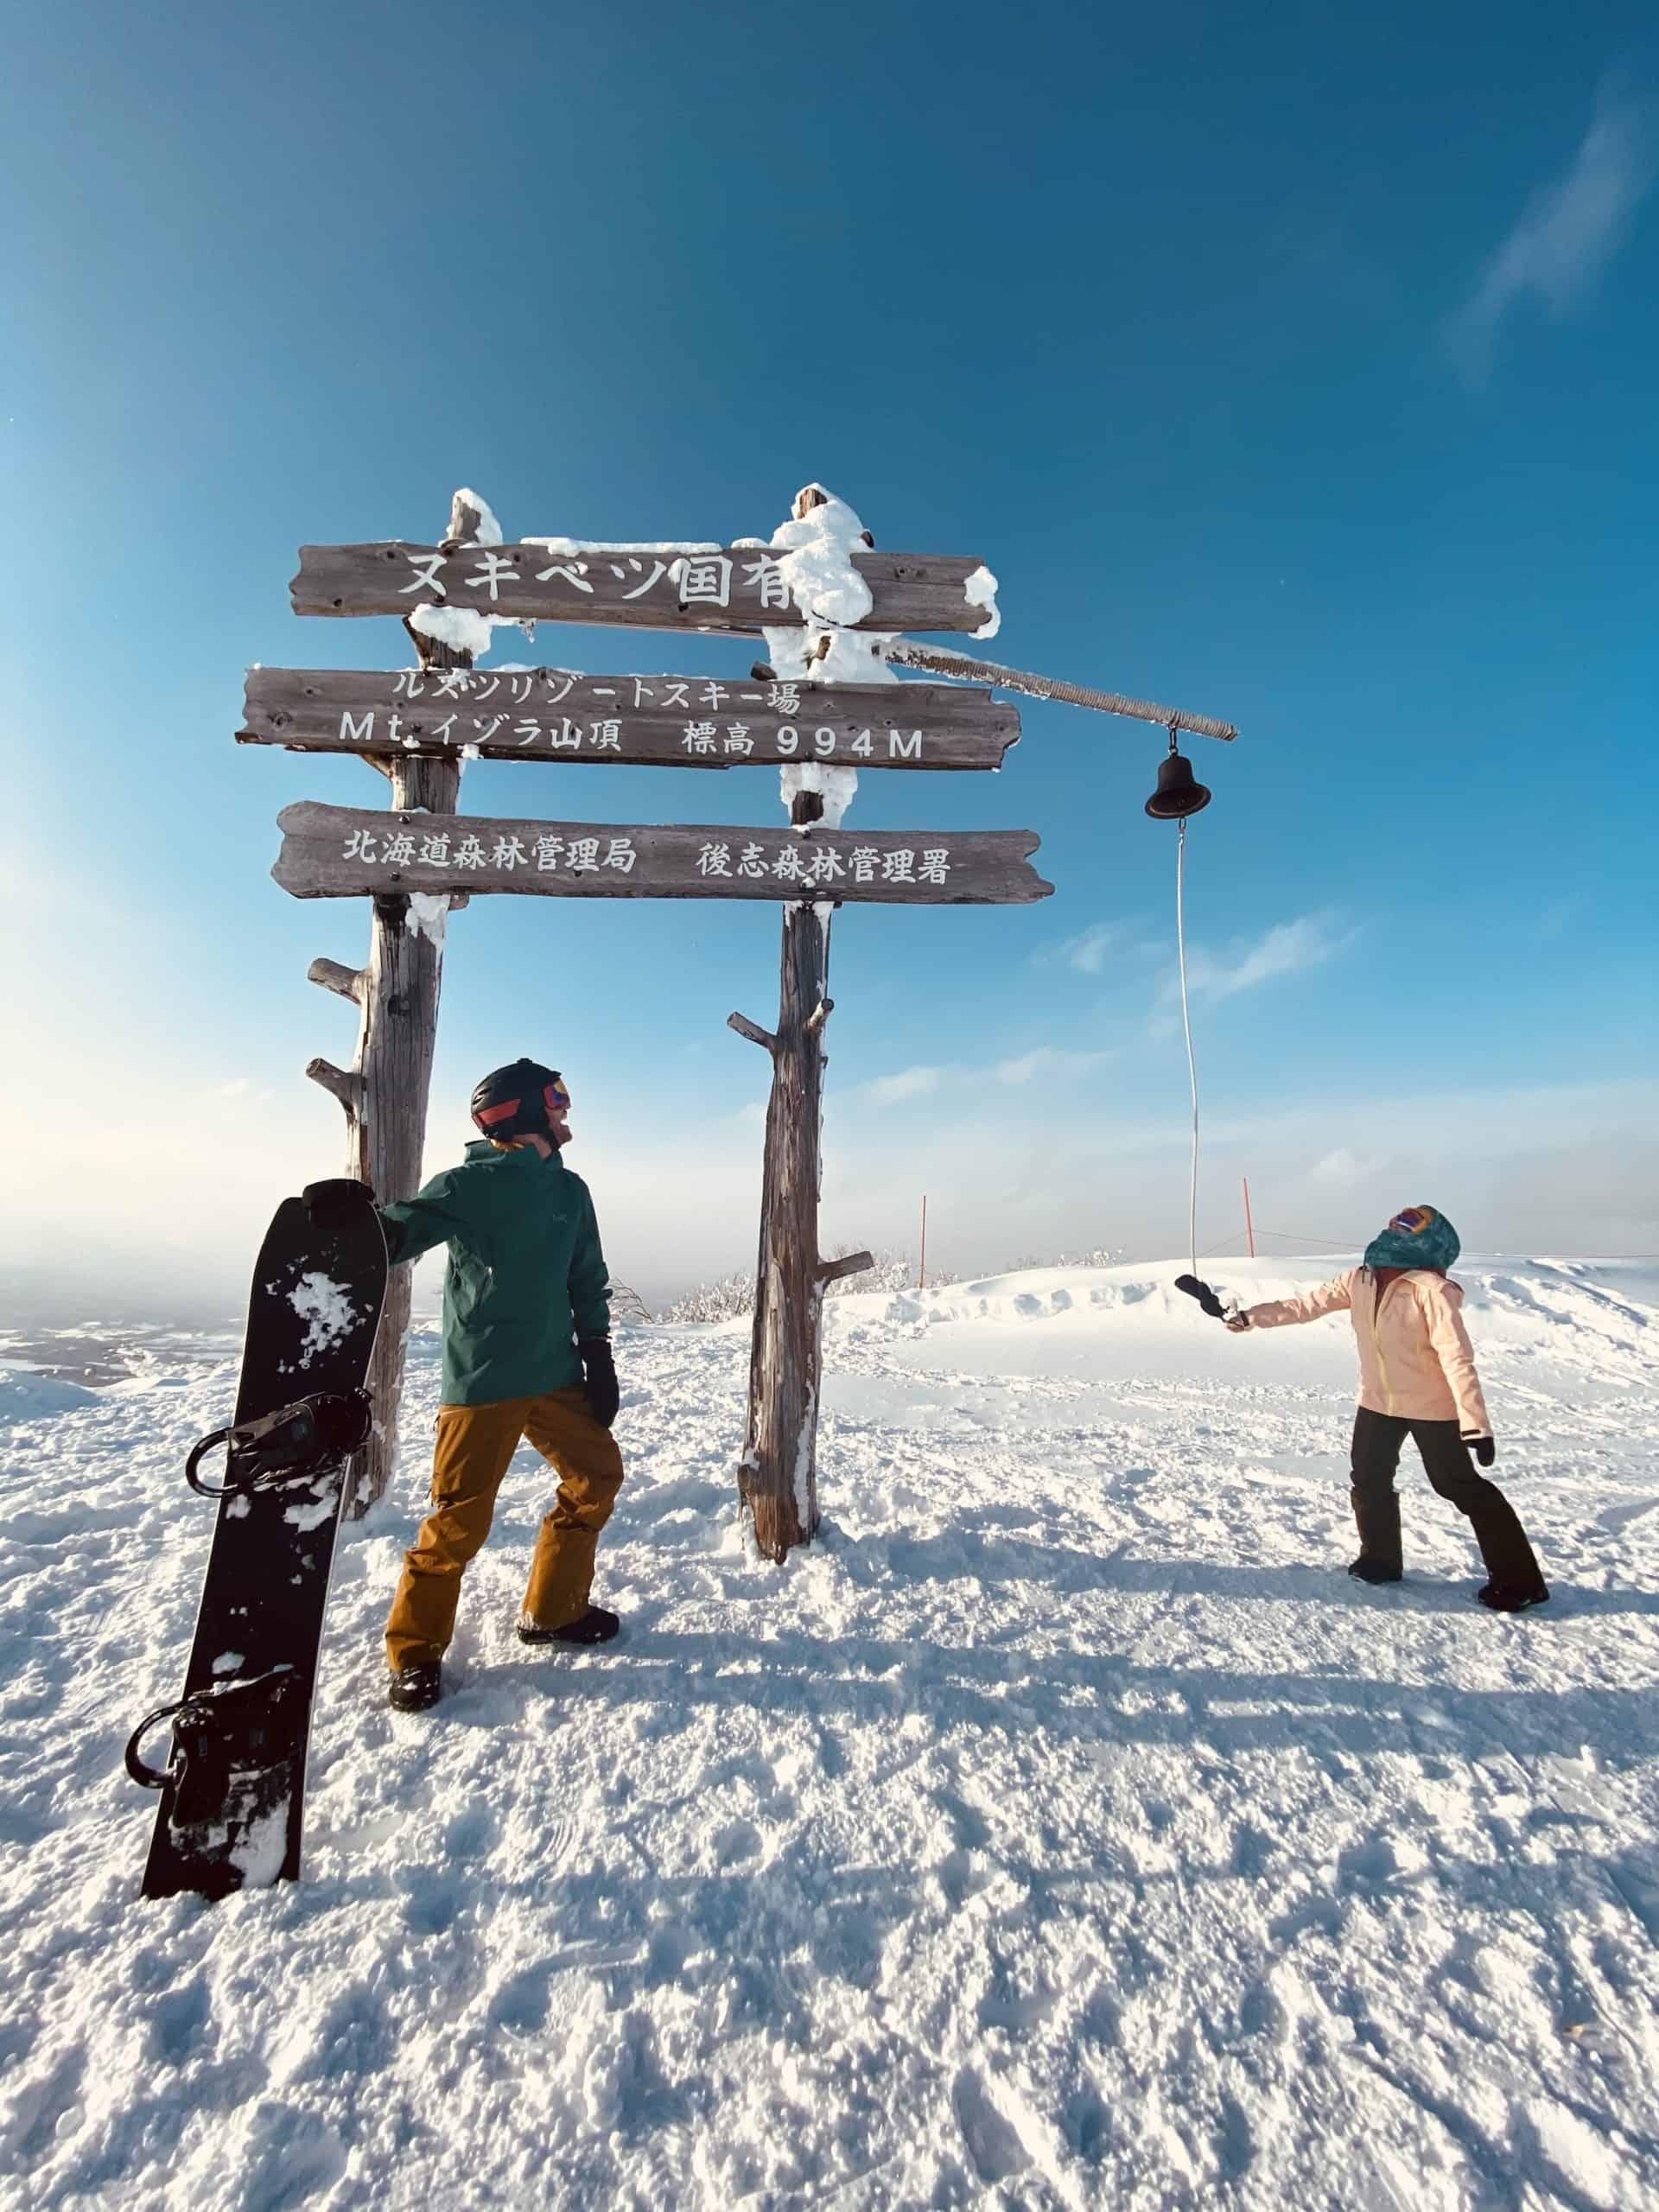 Natasha Ringing the Bell at the top of Rusutsu